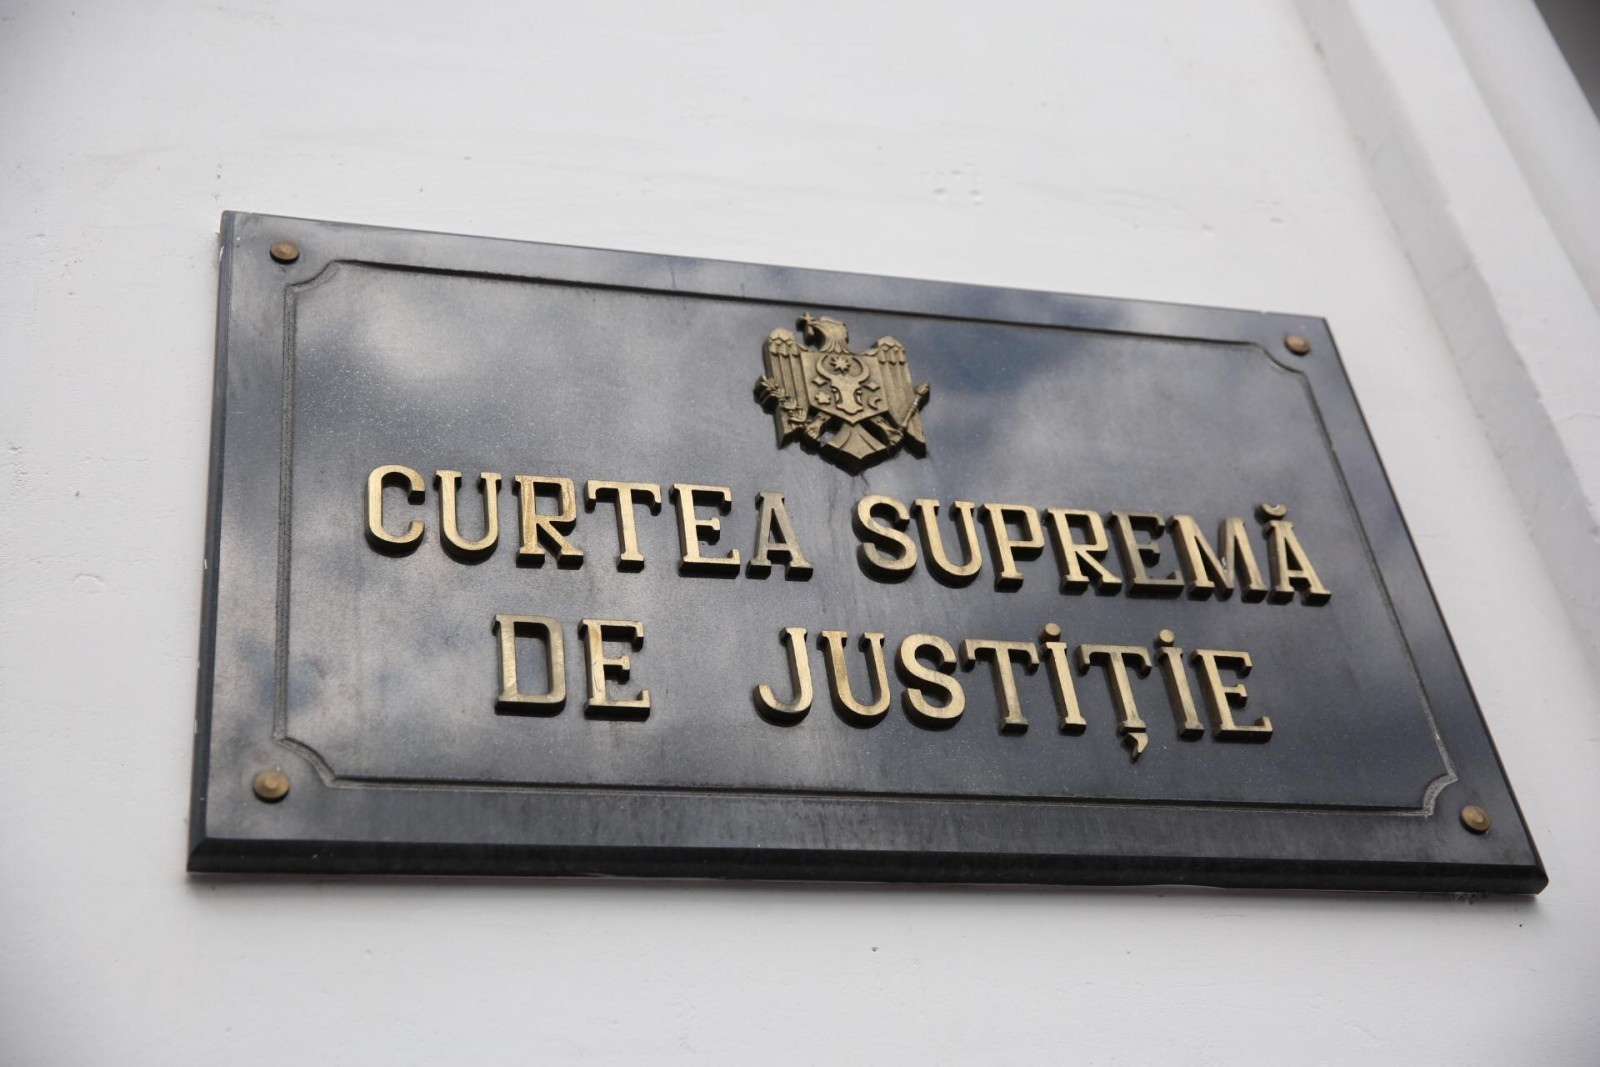 Vicepreședintele CSJ, președintele Colegiului penal, ar putea fi desemnat până la sfârșitul lunii. Între cine se duce lupta